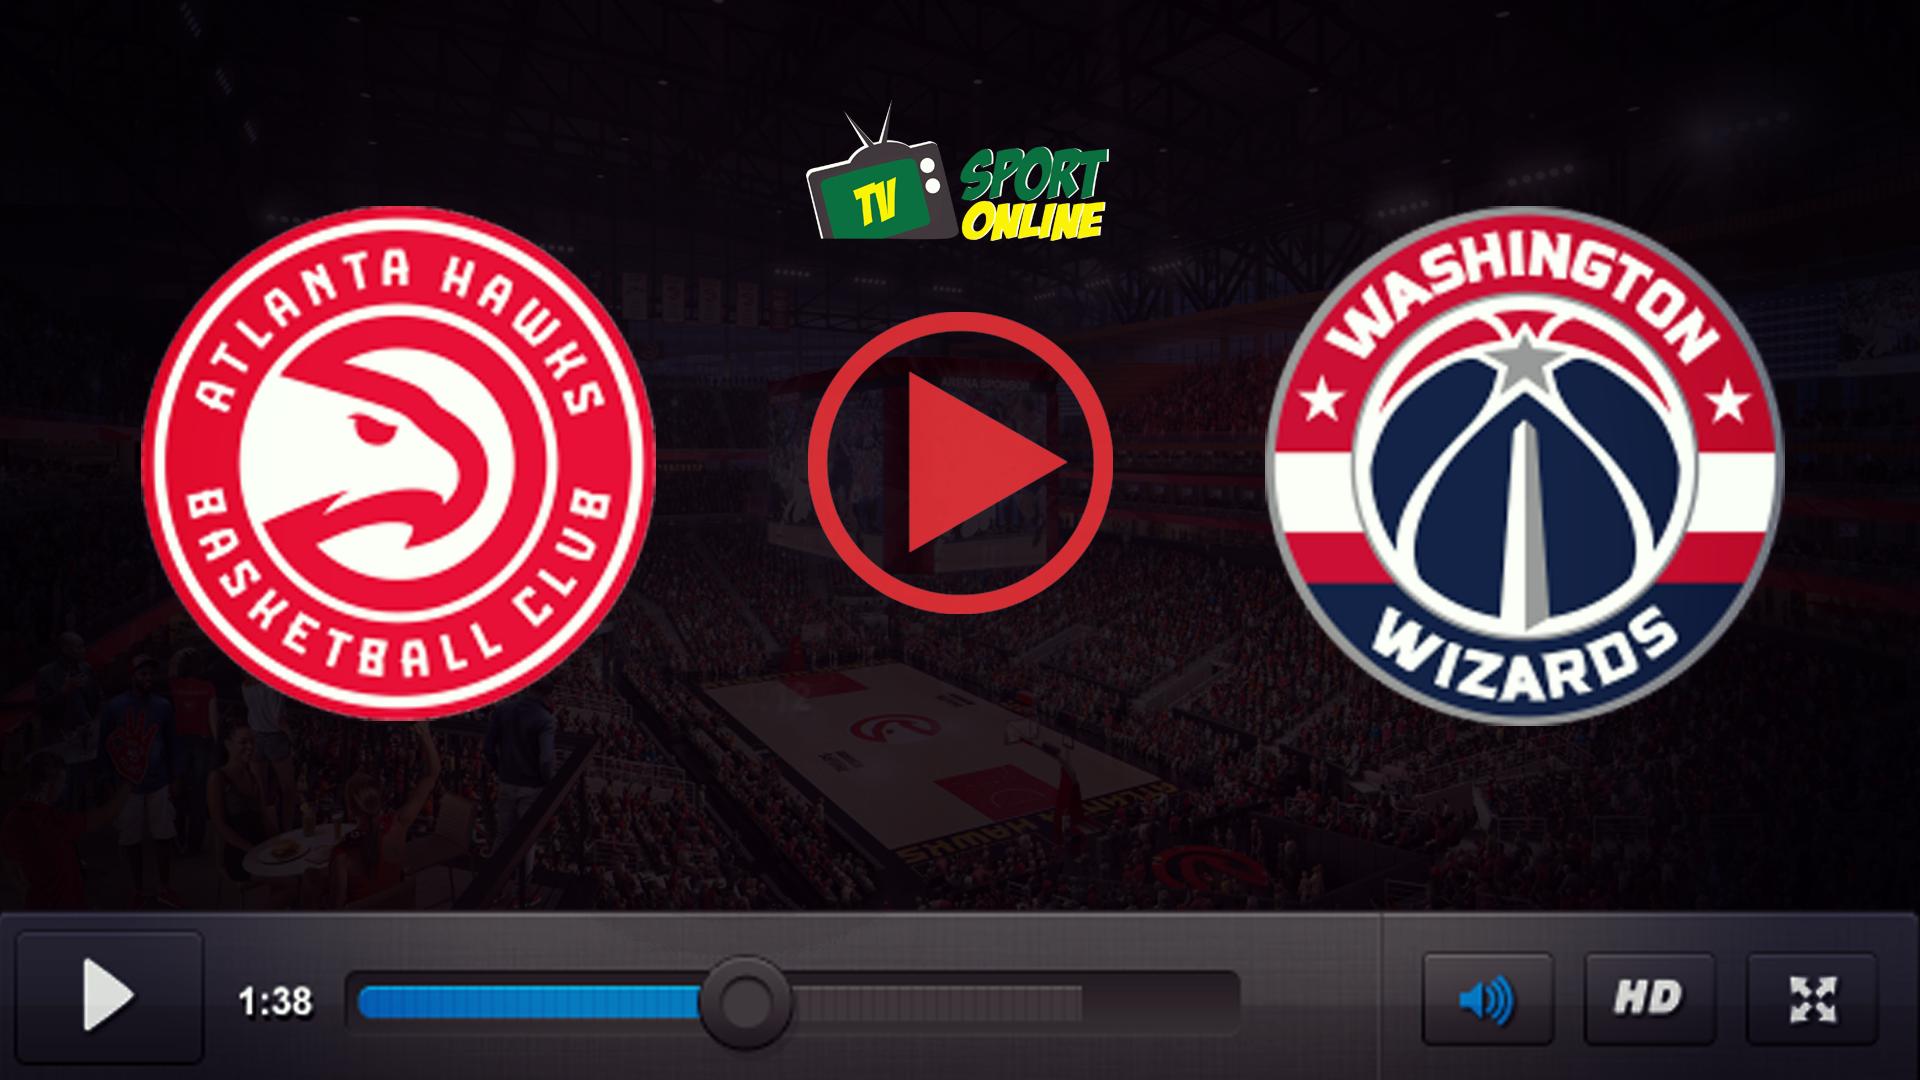 Watch Live Stream Atlanta Hawks – Washington Wizards